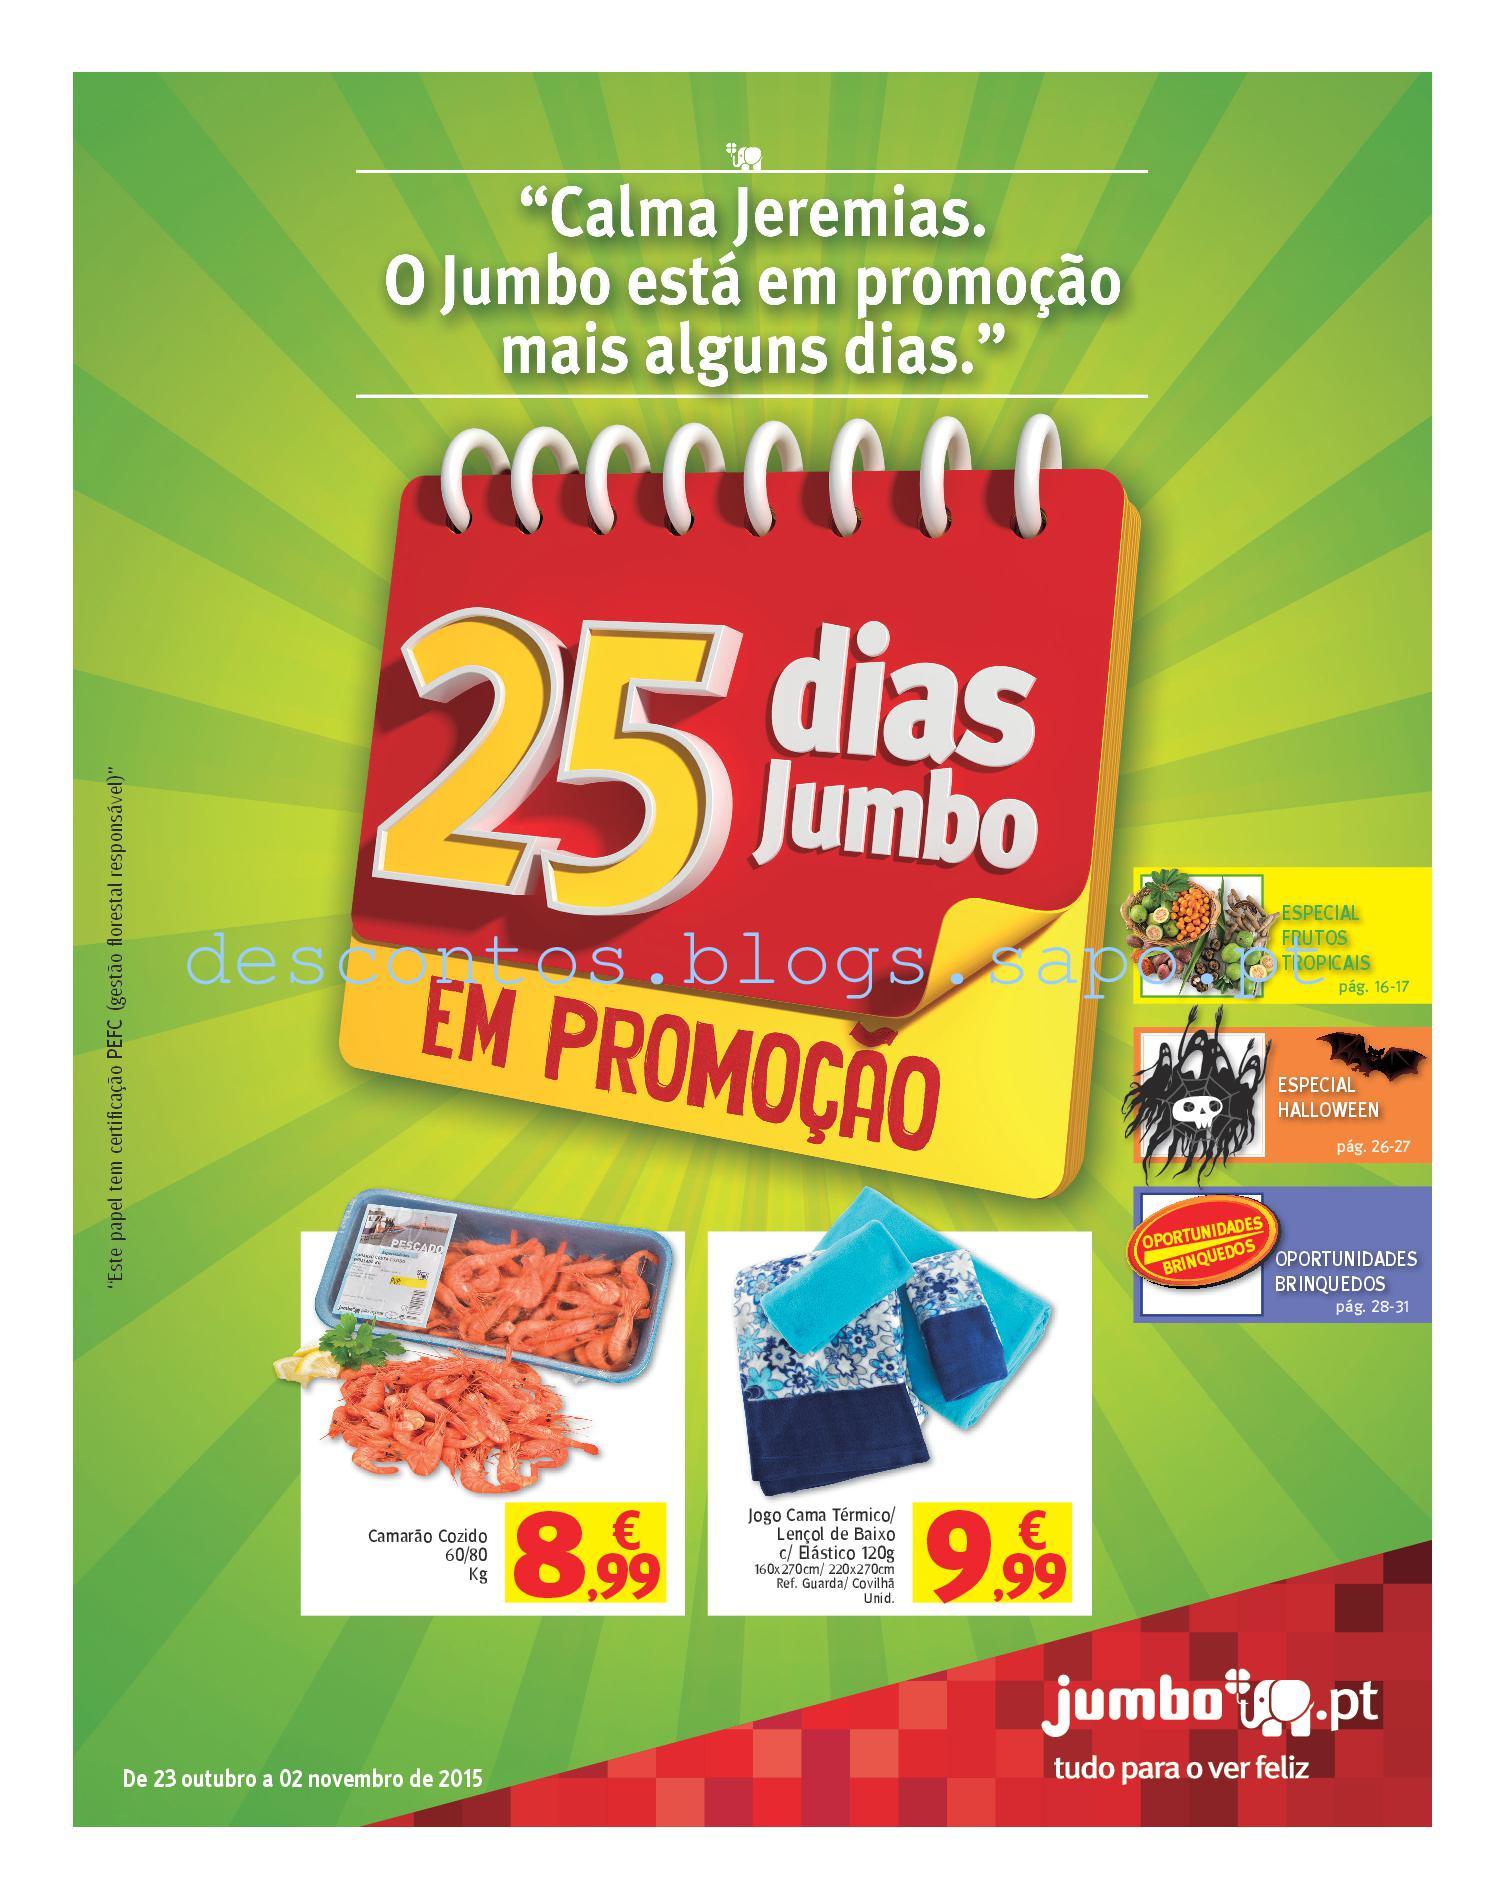 25_Dias_jumbo-001.jpg